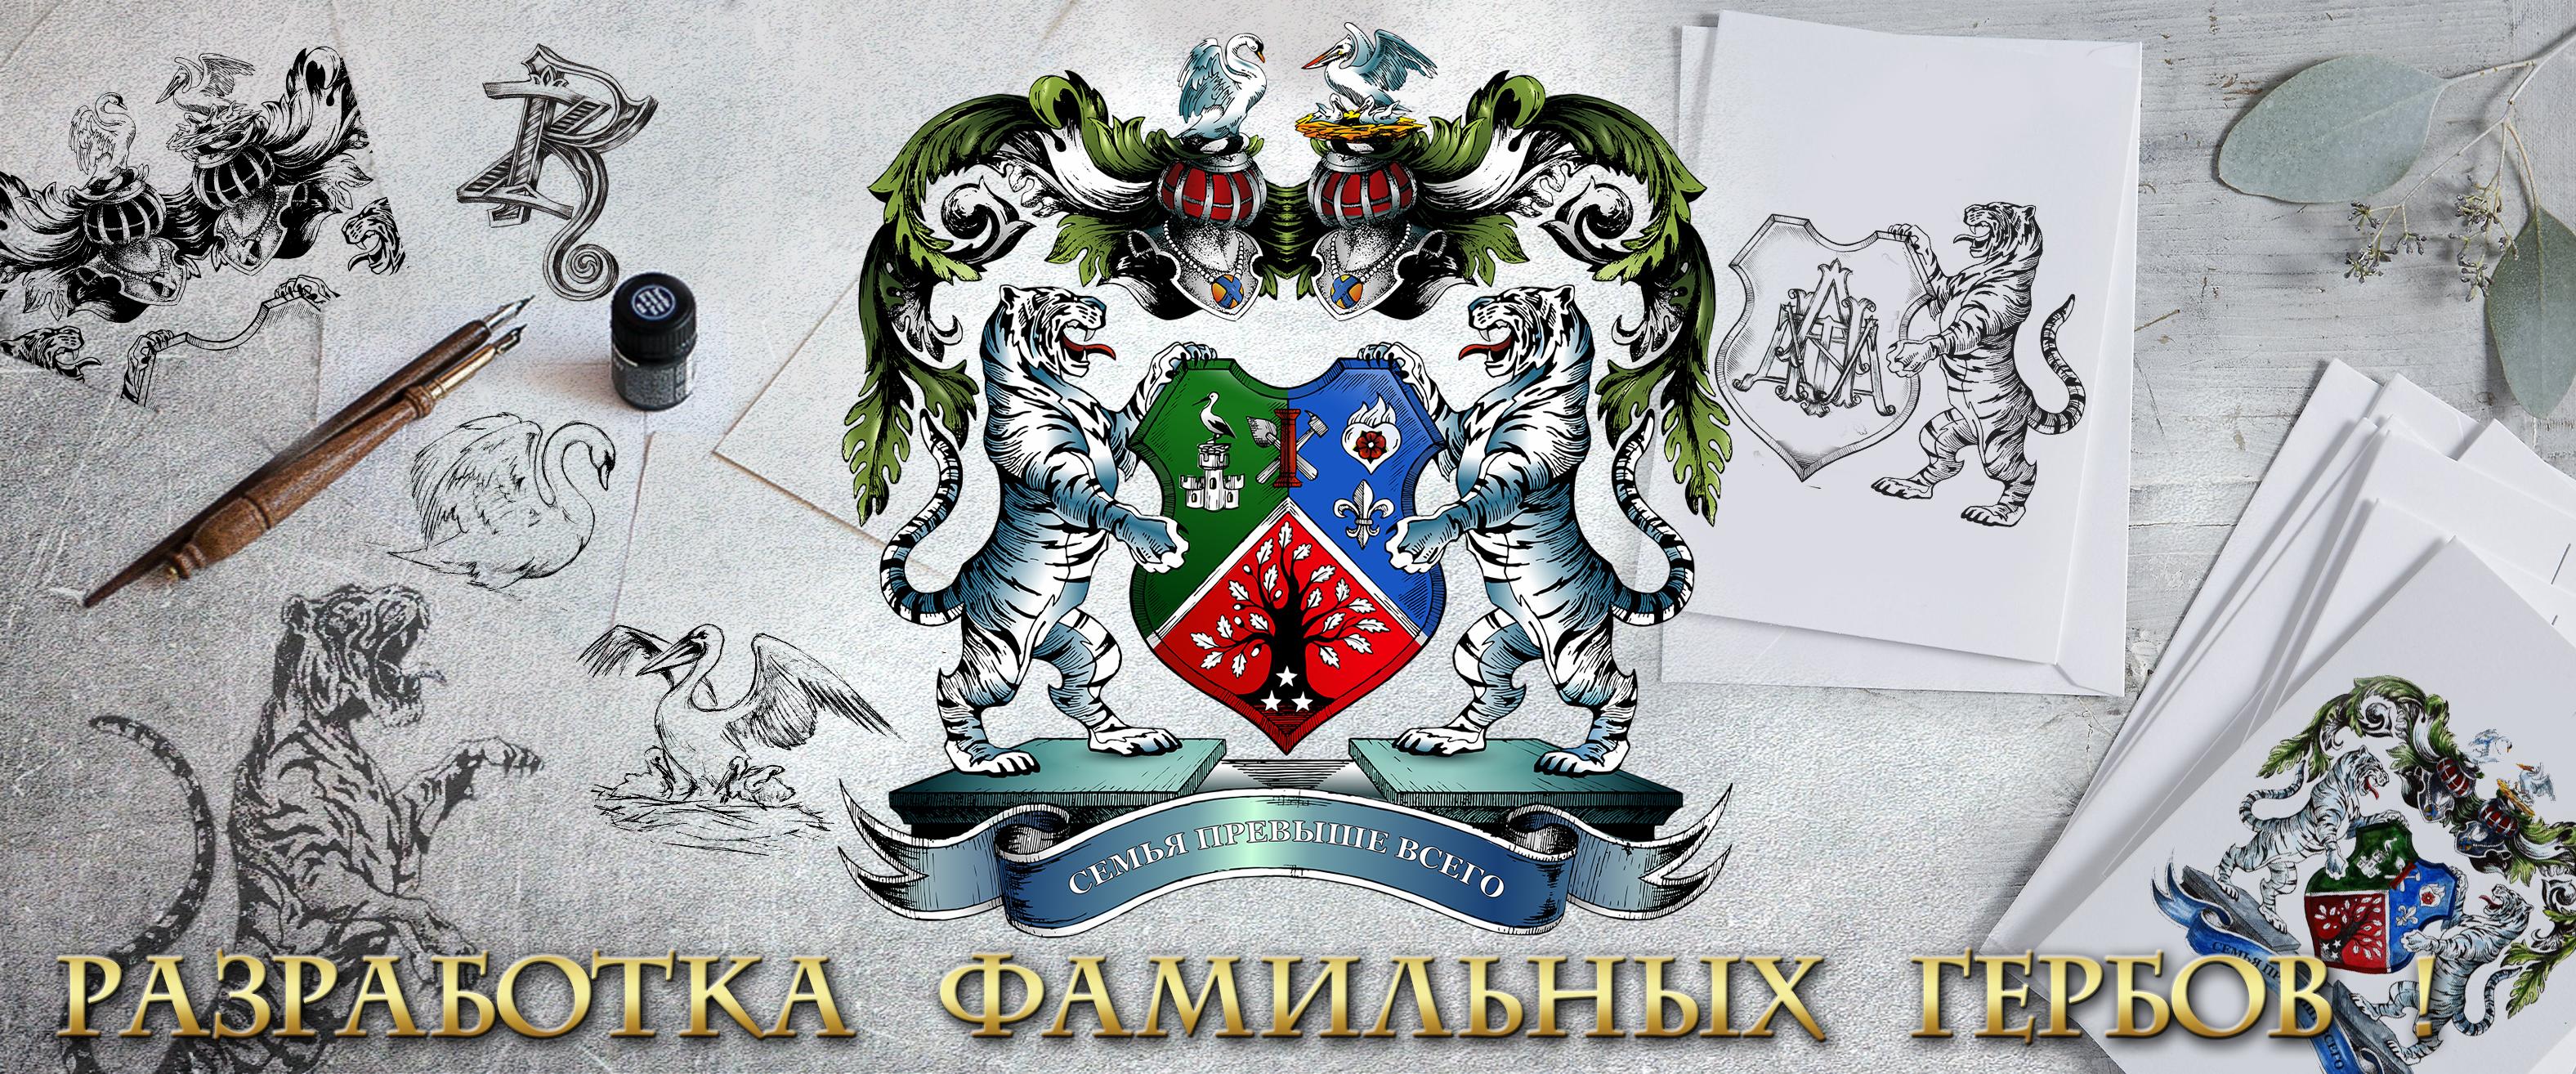 Заказать герб